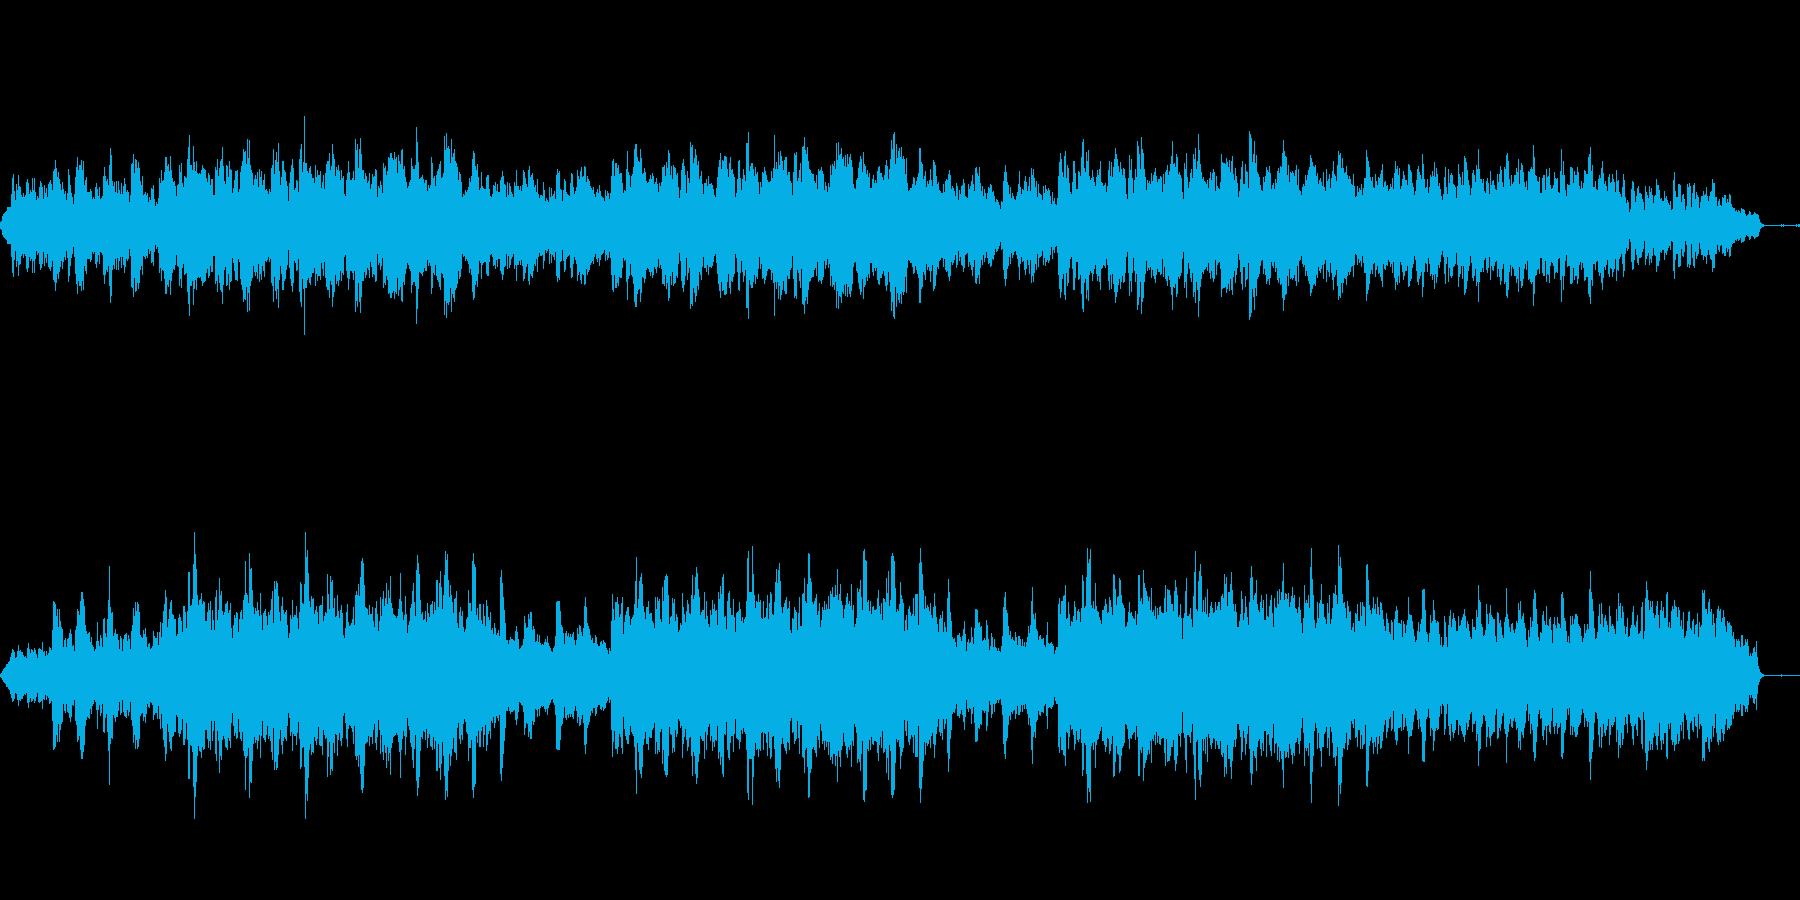 ぬくもりのあるまったりしたメロディーの再生済みの波形